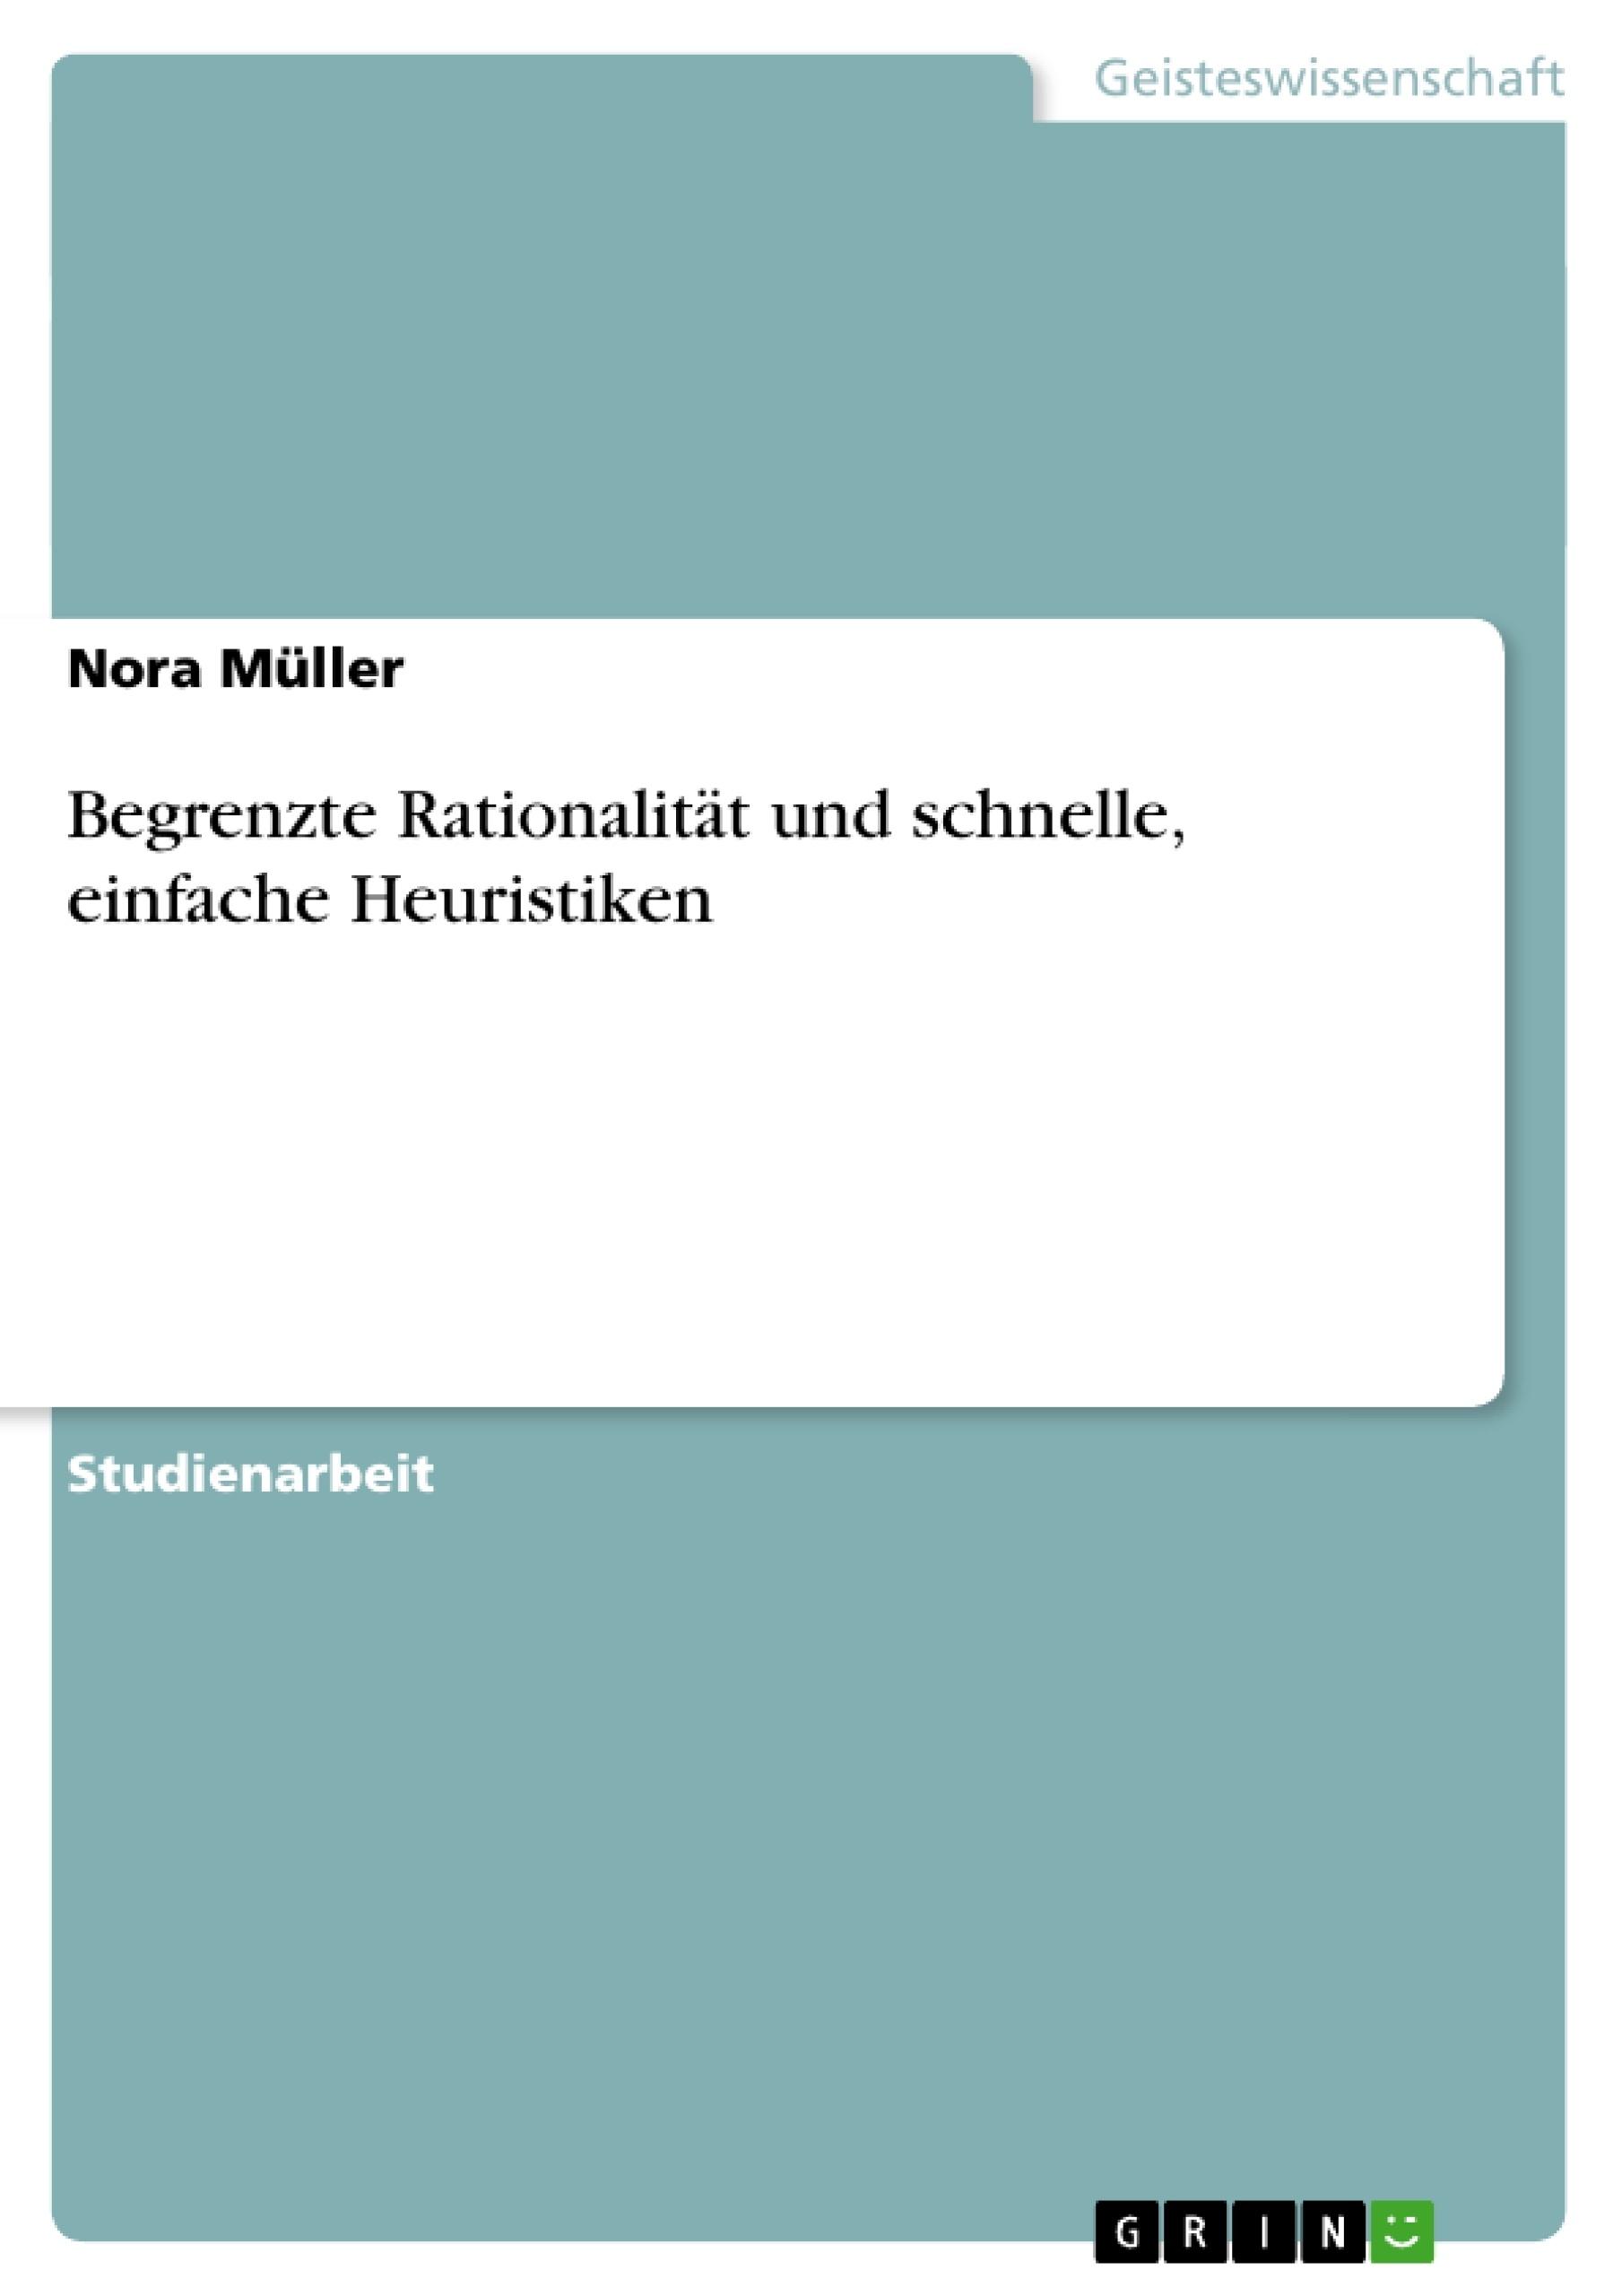 Titel: Begrenzte Rationalität und schnelle, einfache Heuristiken